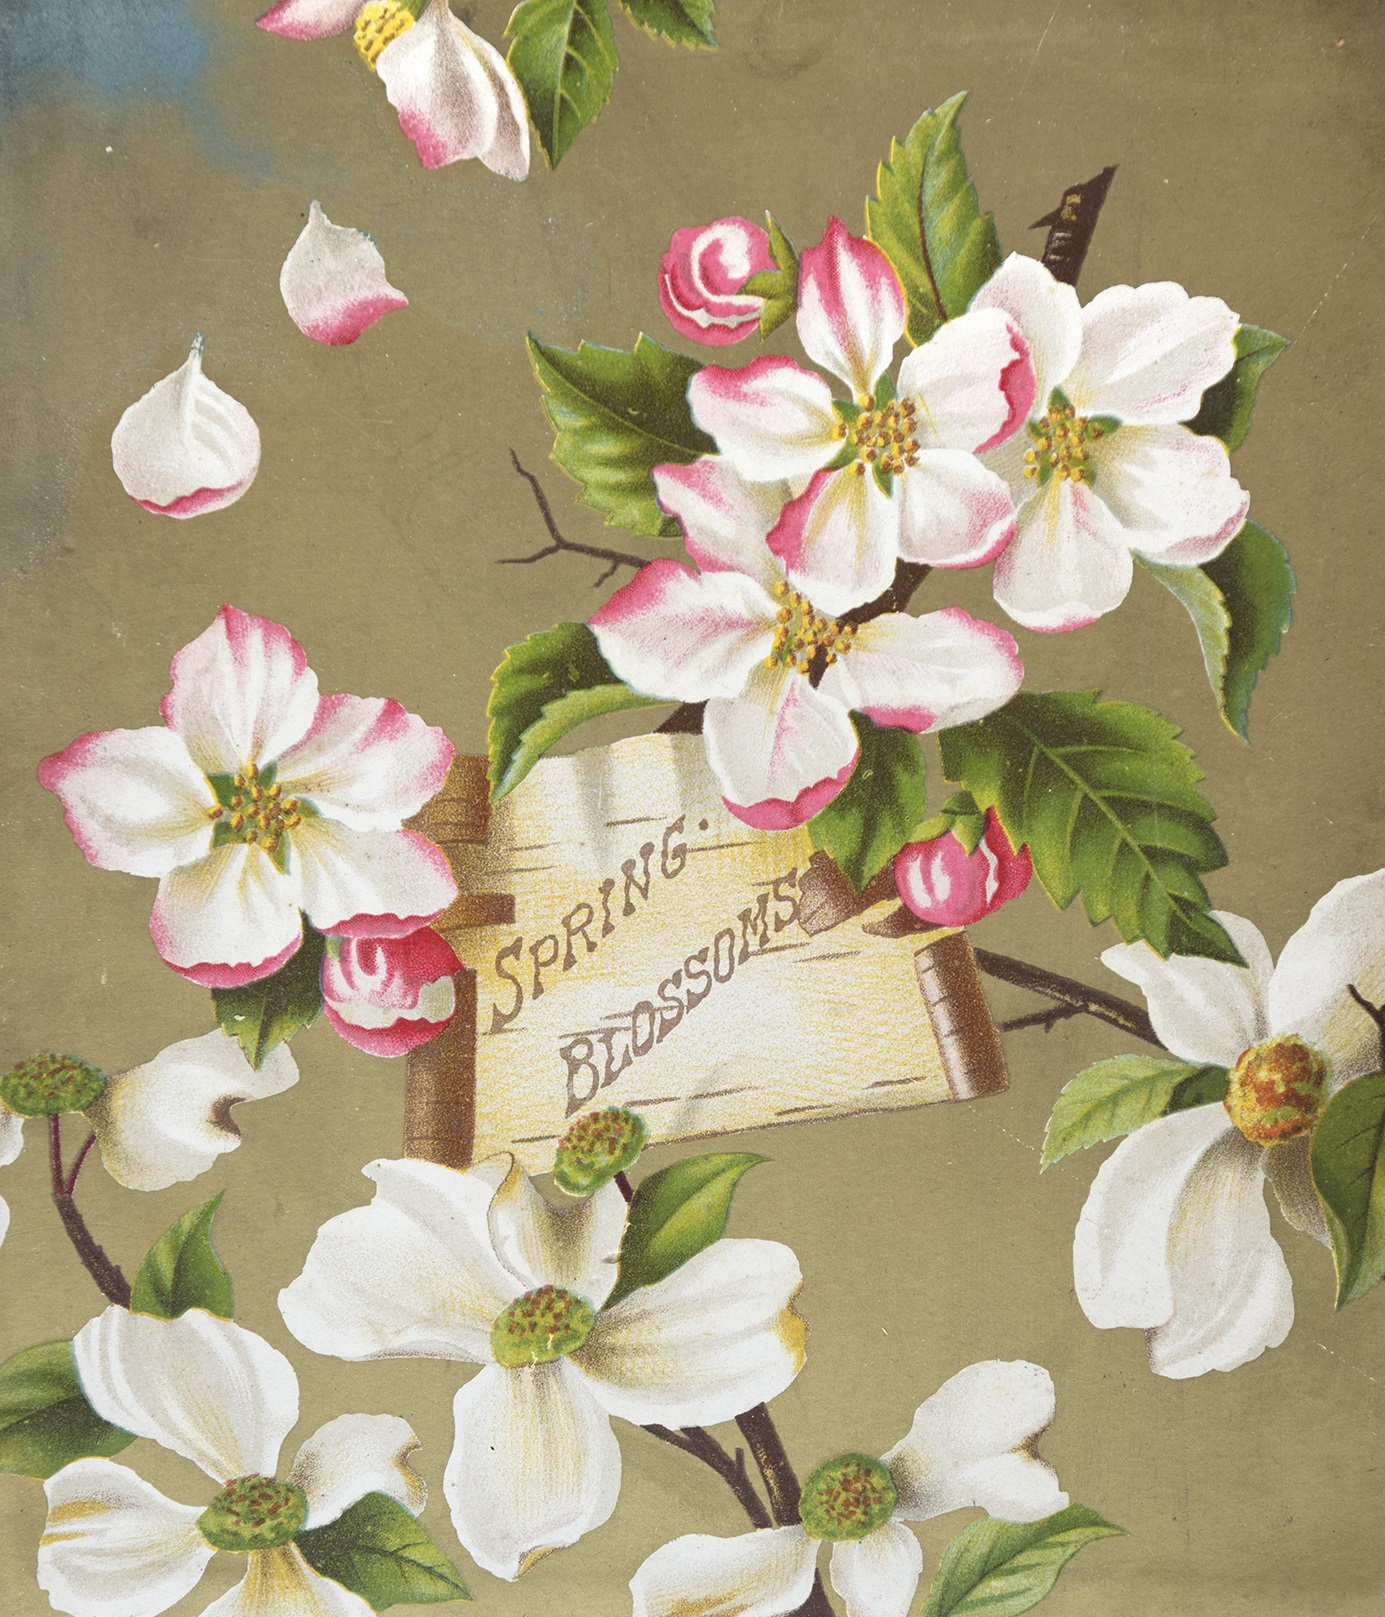 blossoming  a spring equinox celebrationgreen